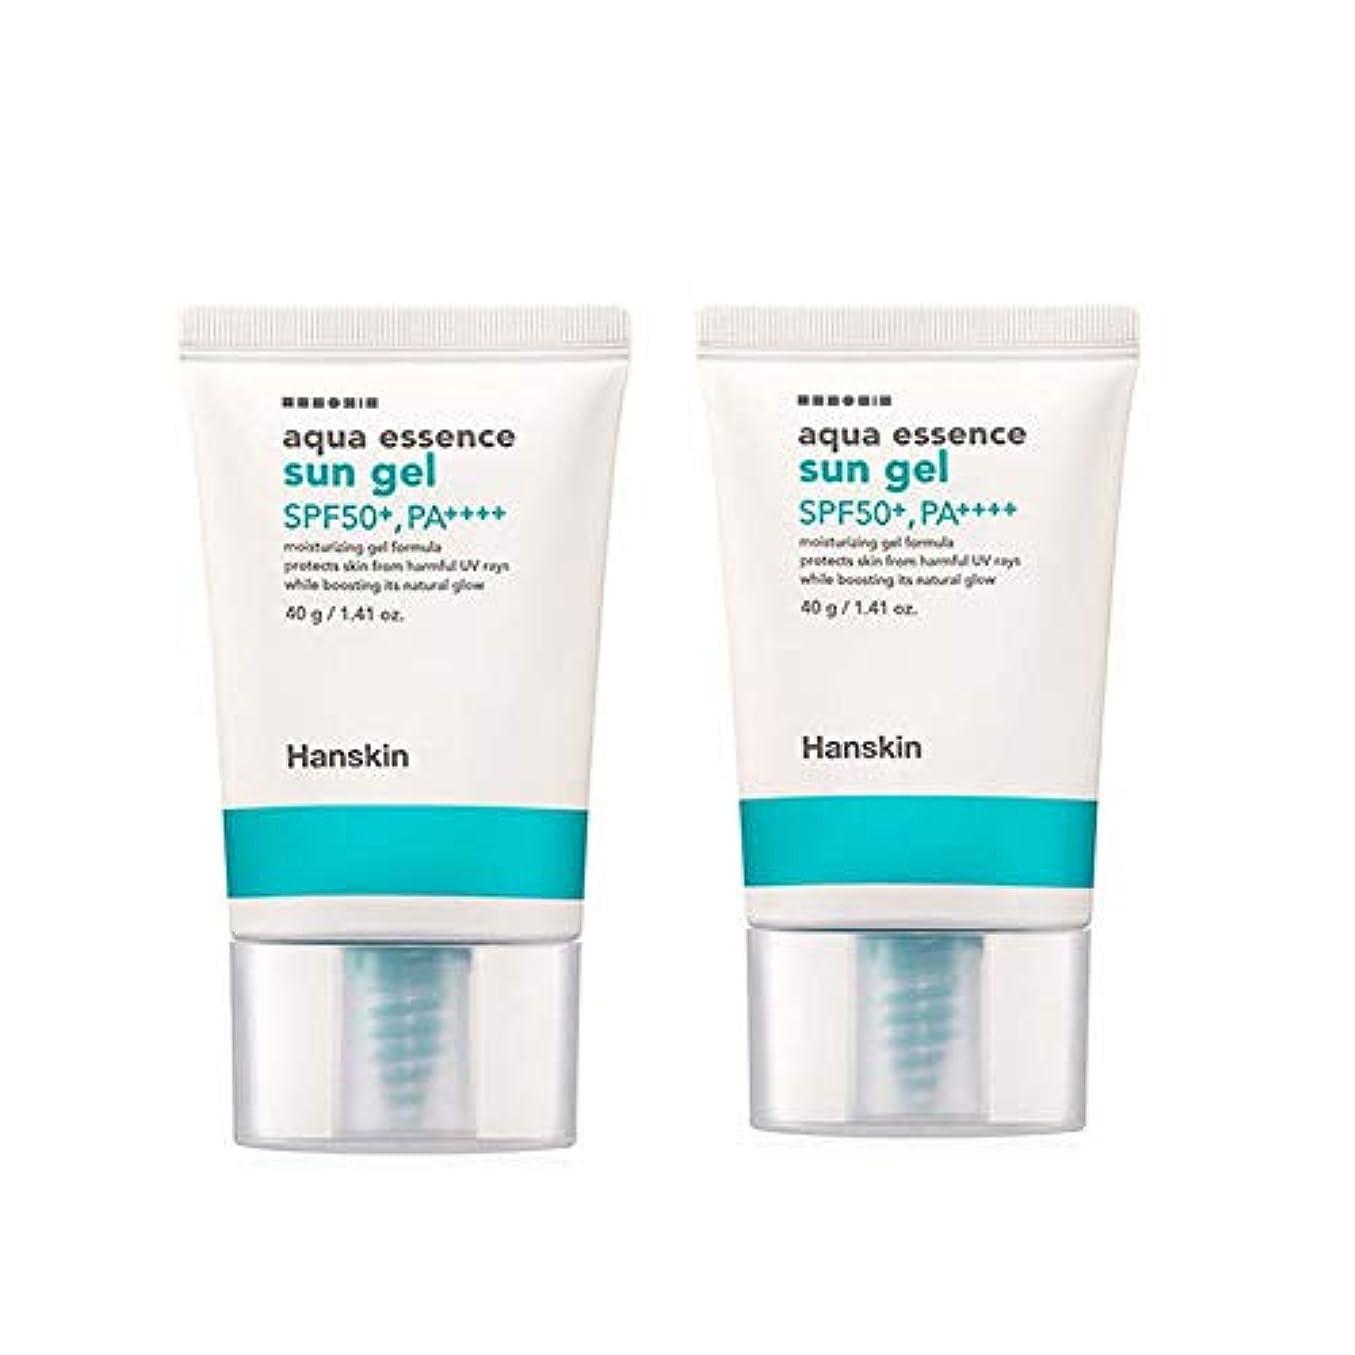 独特のスタック障害者ハンスキンアクアエッセンスサンゼル40gx2本セットサンクリーム韓国コスメ、Hanskin Aqua Essence Sun Gel 40g x 2ea Set Sun Cream Korean Cosmetics [並行輸入品]